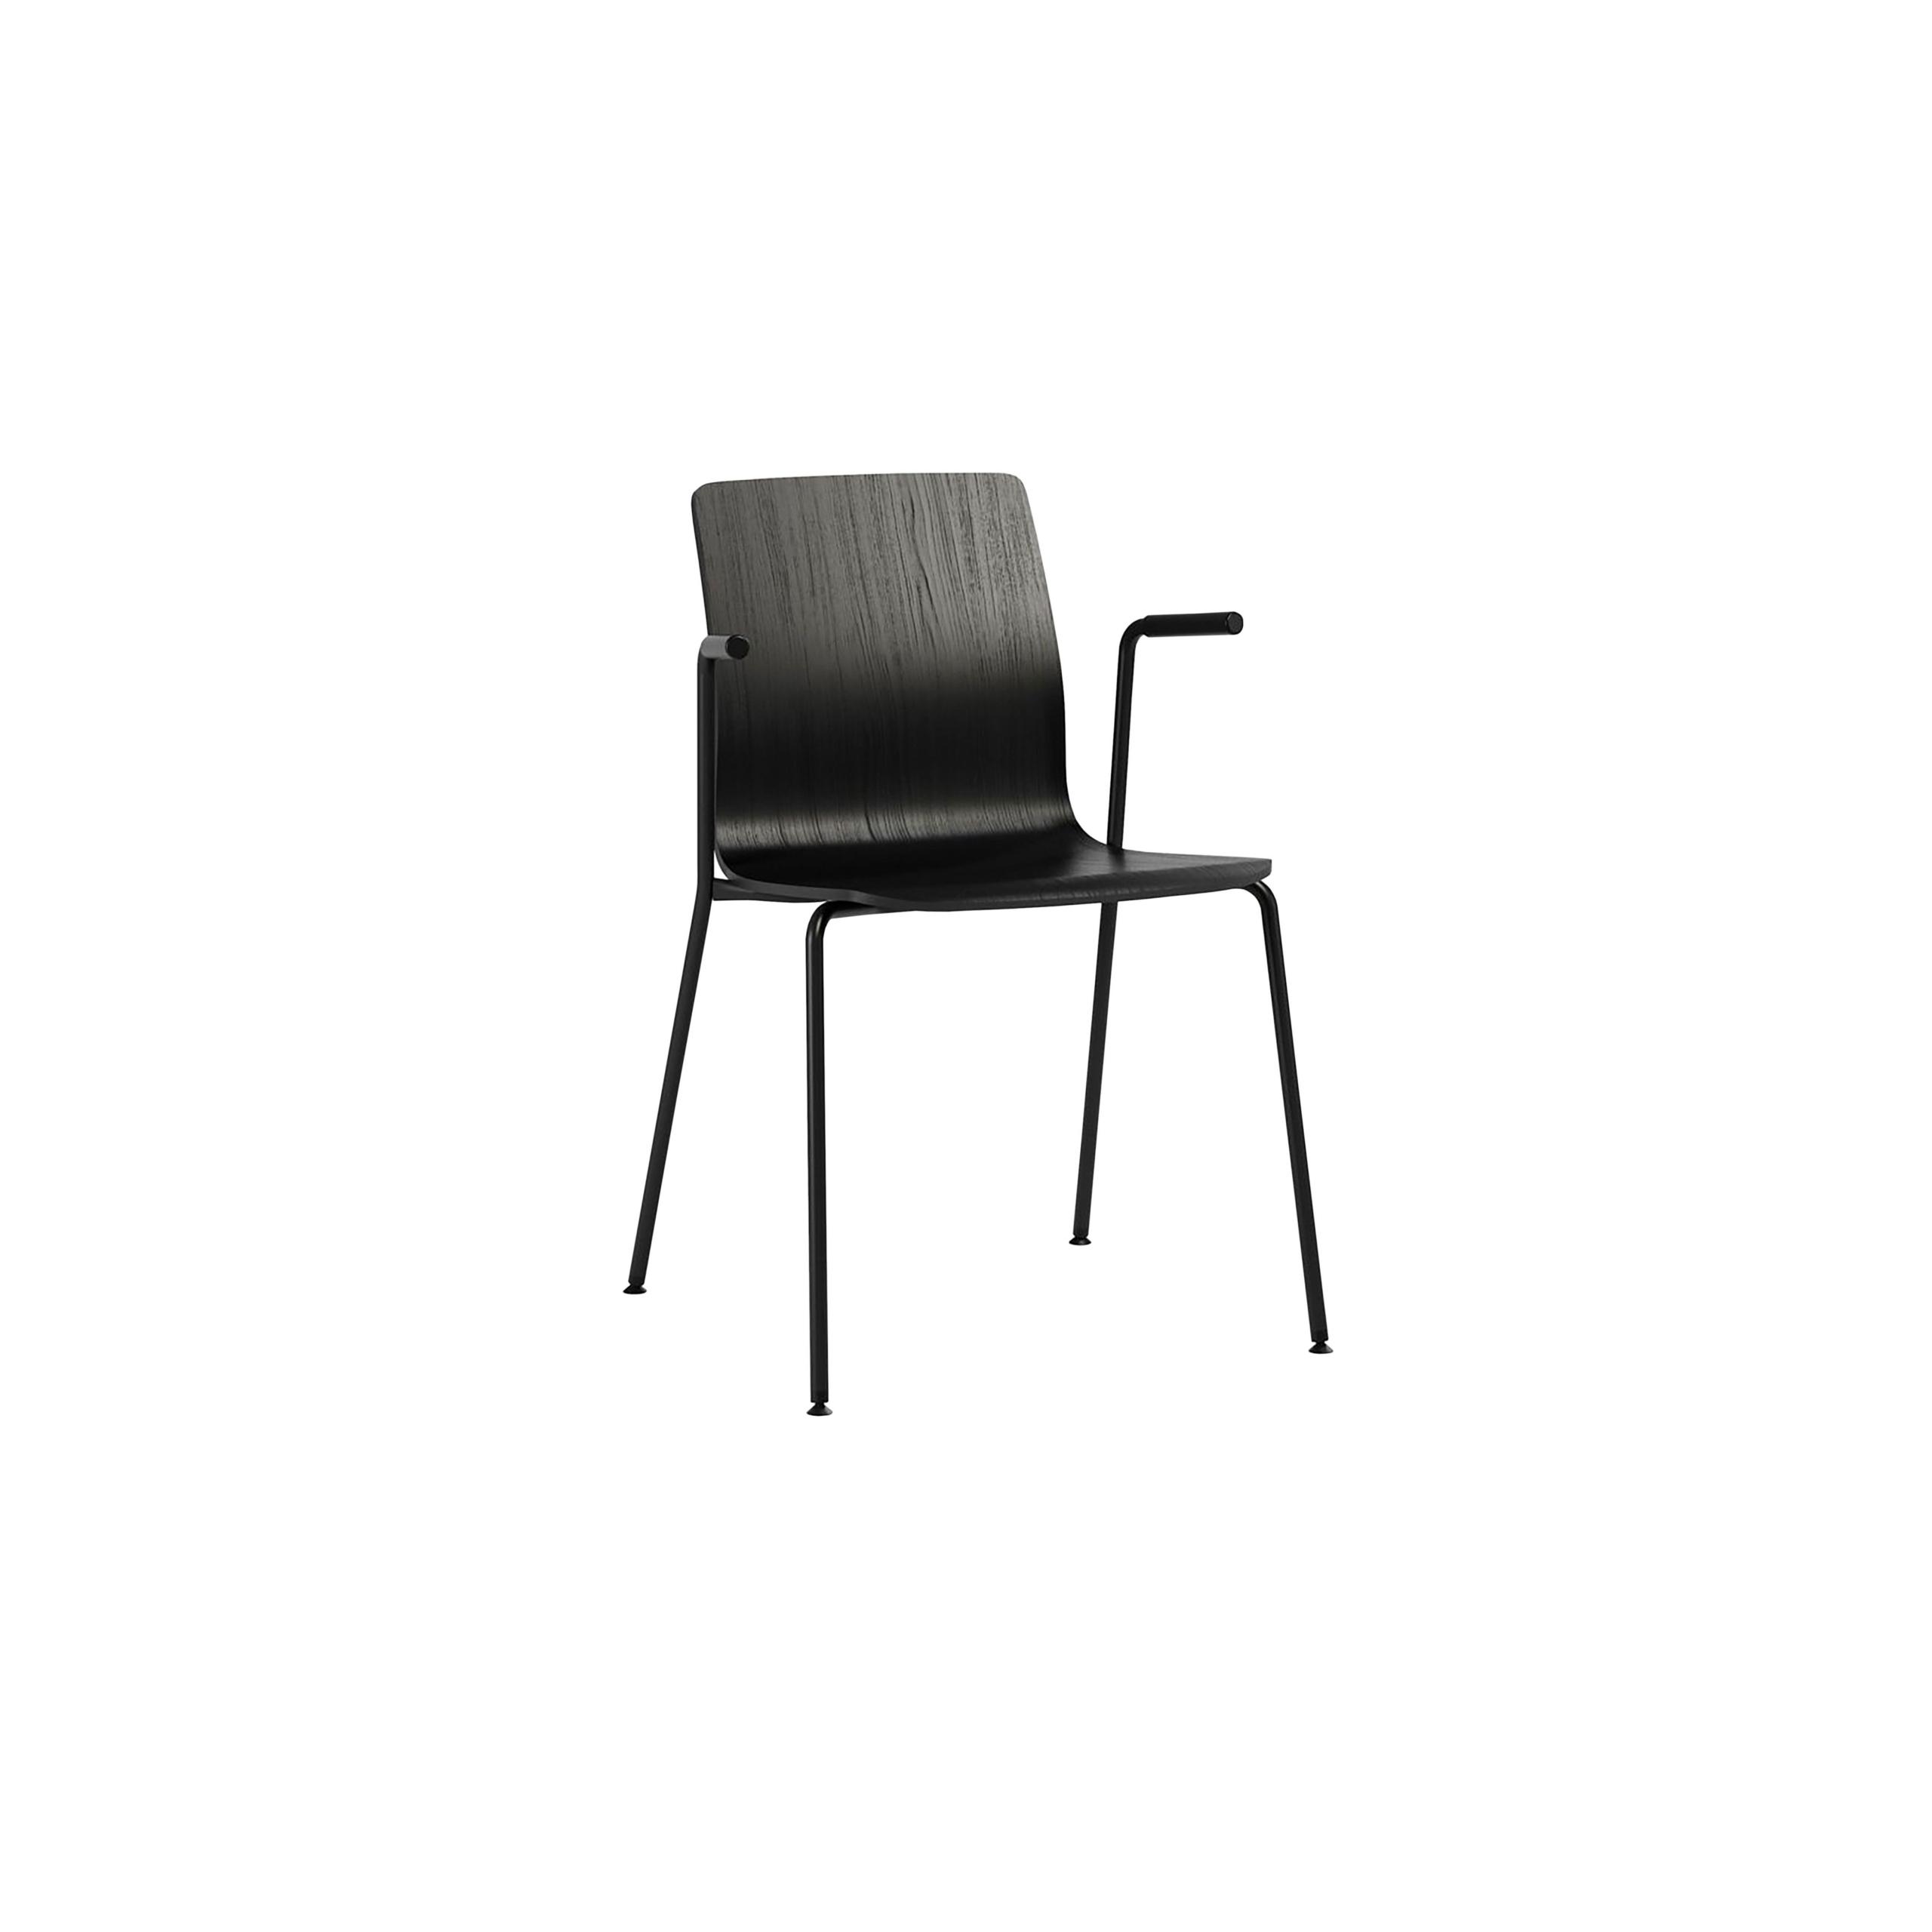 Nova Stol med metallben produktbild 4